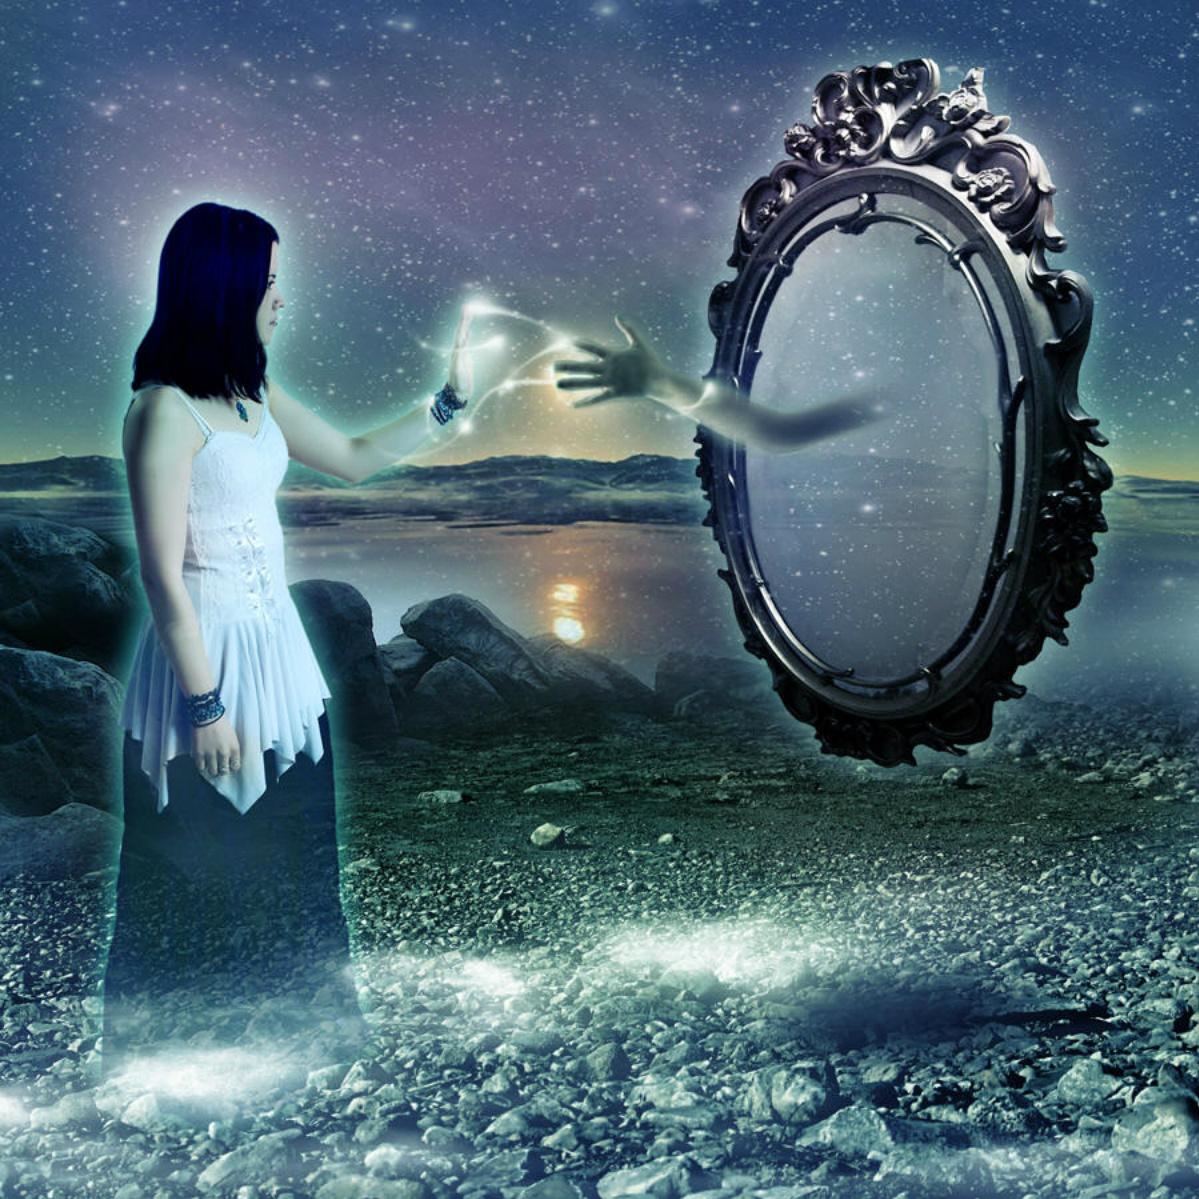 Ayna kırmak uğursuzluk mudur